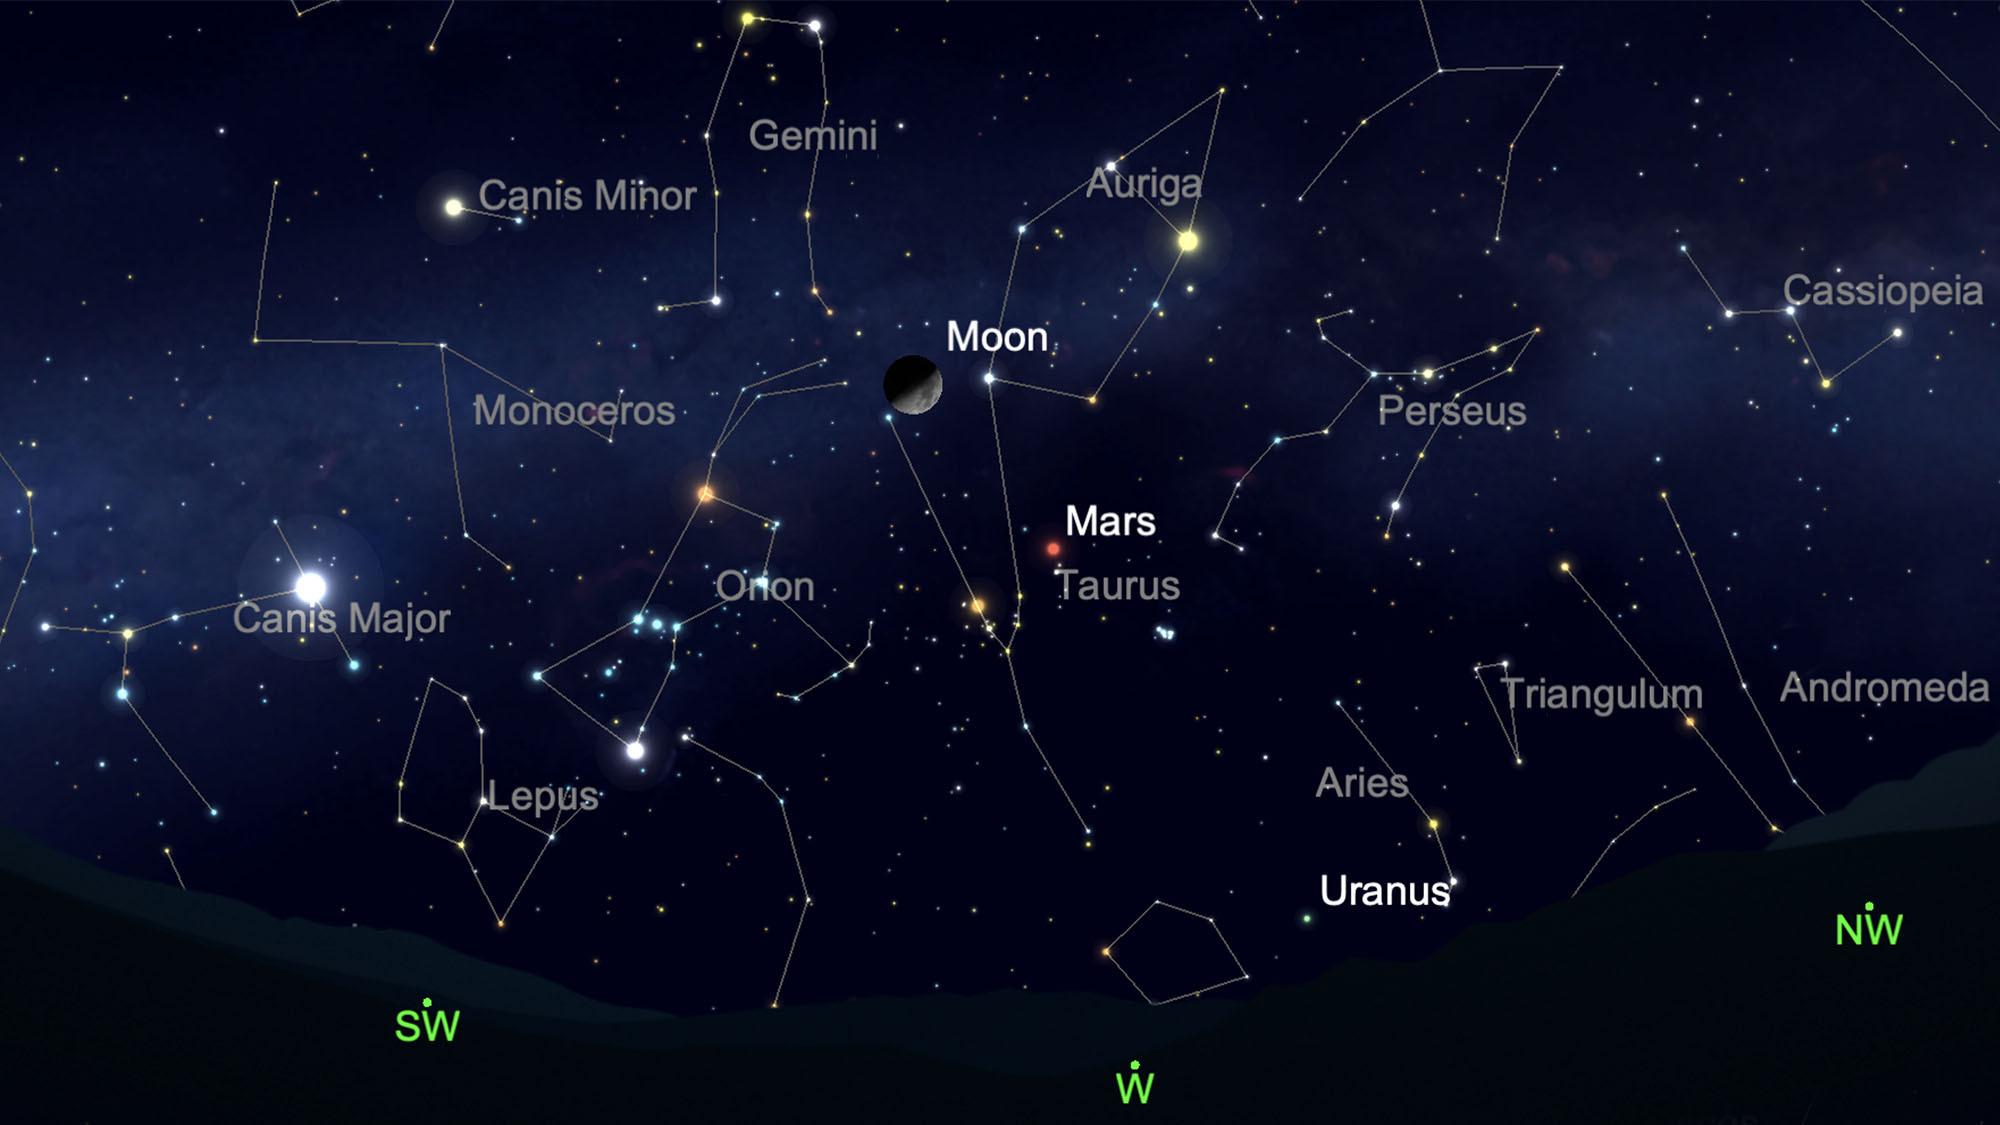 Cette carte du ciel montre où repérer la constellation d'Orion depuis l'hémisphère nord dans le ciel nocturne le 20 mars 2021.